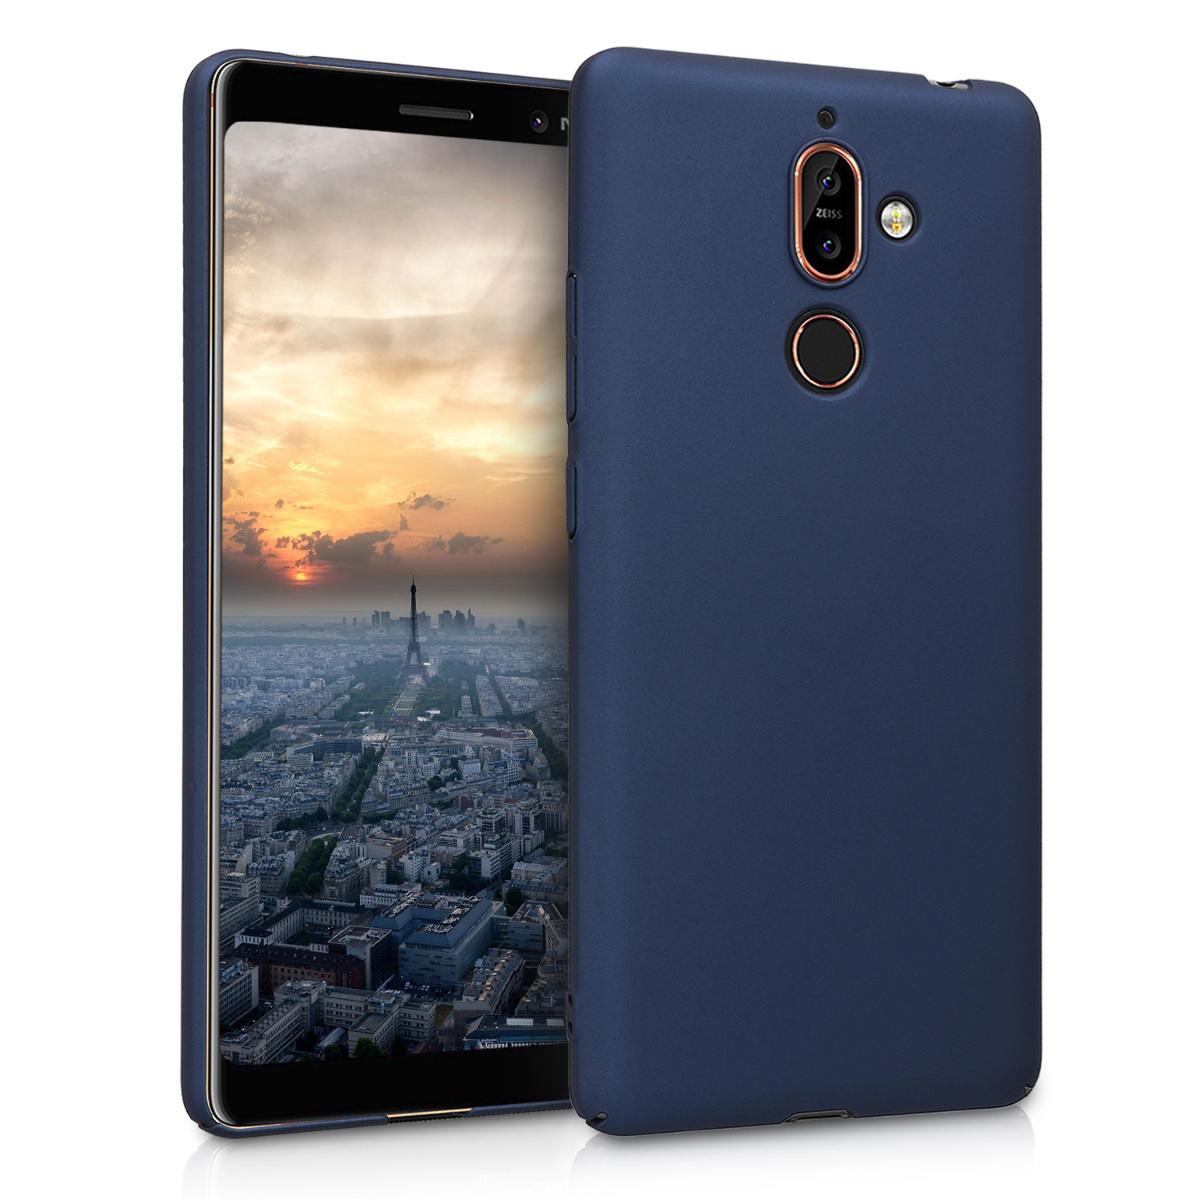 KW Σκληρή Θήκη Nokia 7 Plus  - Dark Blue (45699.17)